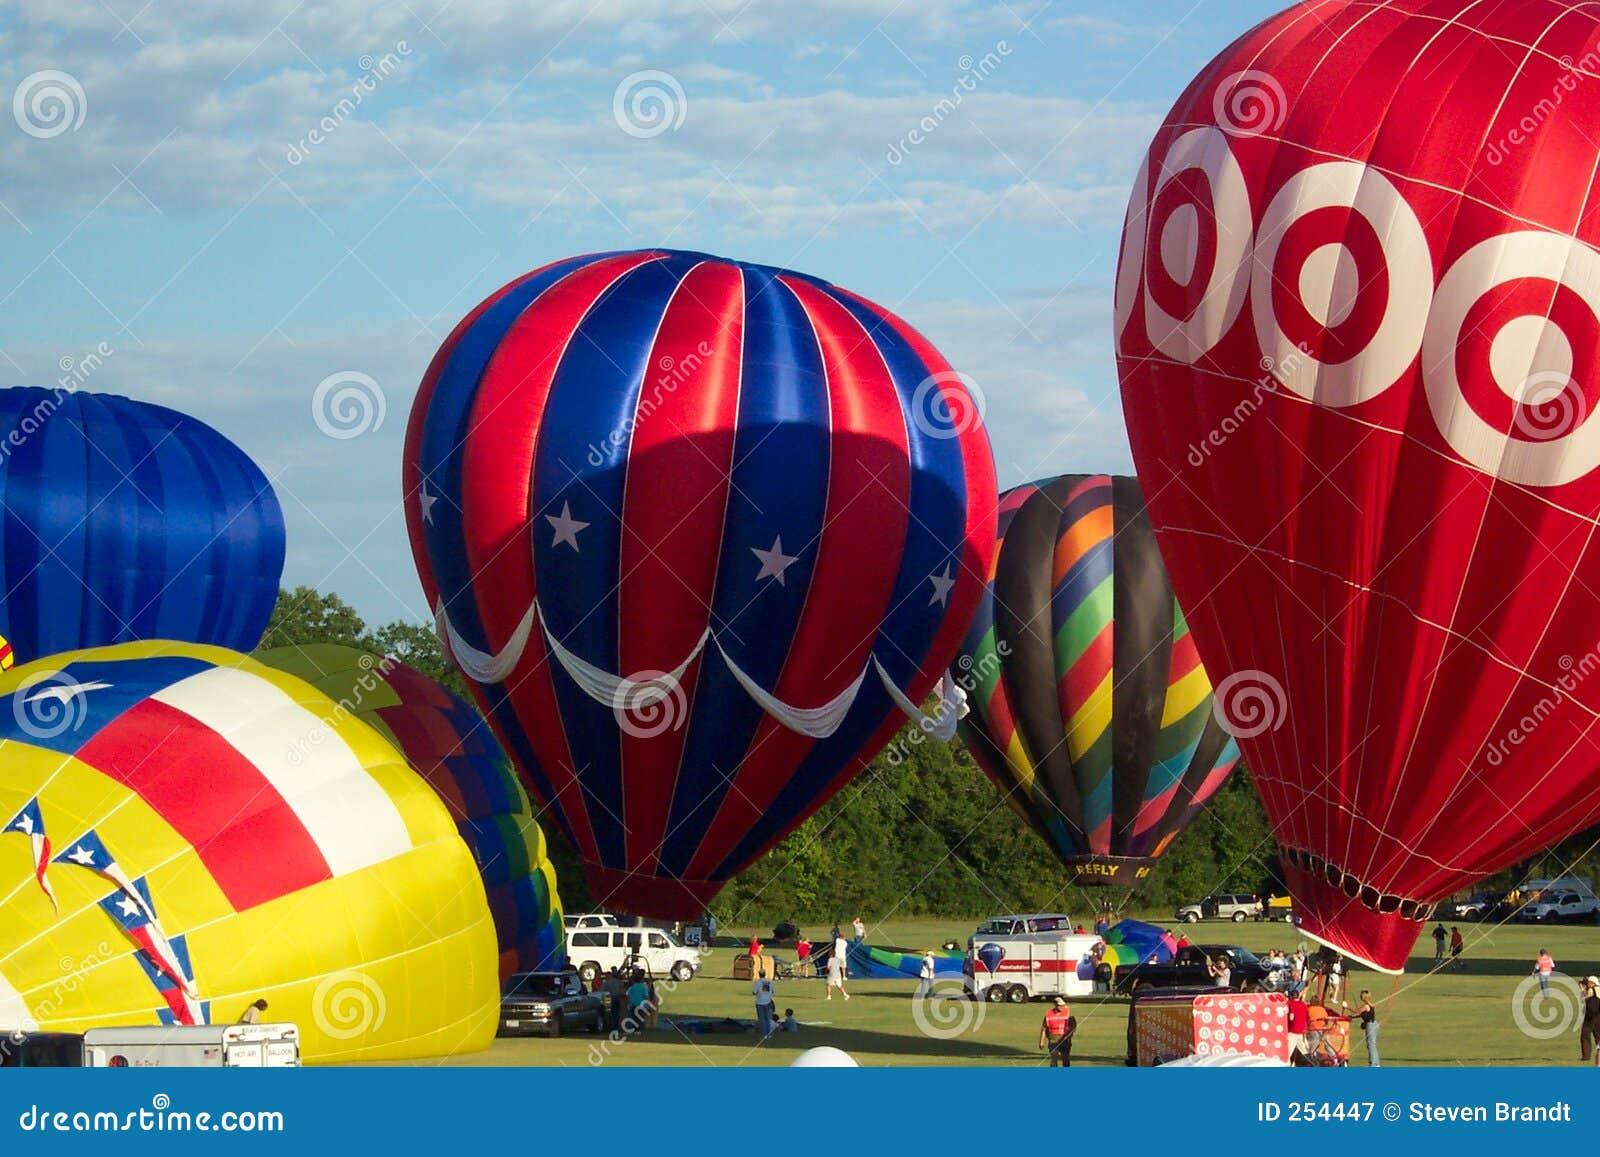 празднество 3376 воздушных шаров